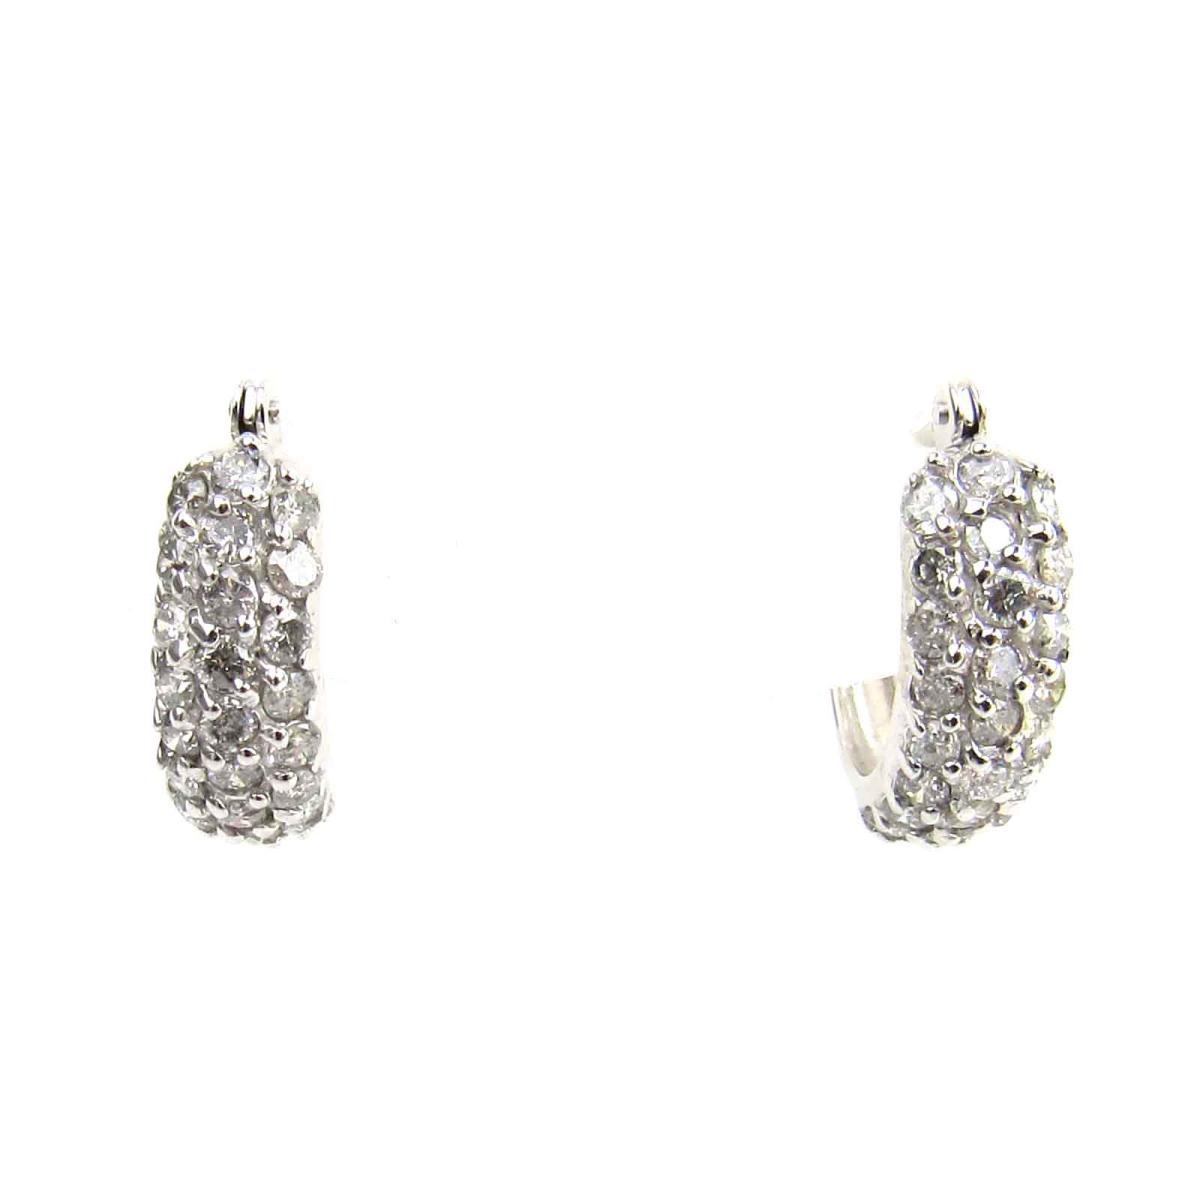 ジュエリー ダイヤモンド ピアス レディース K18WG (750) ホワイトゴールド x ダイヤモンド0.5ct x 2 | JEWELRY ピアス K18 18金 新品 ブランドオフ BRANDOFF